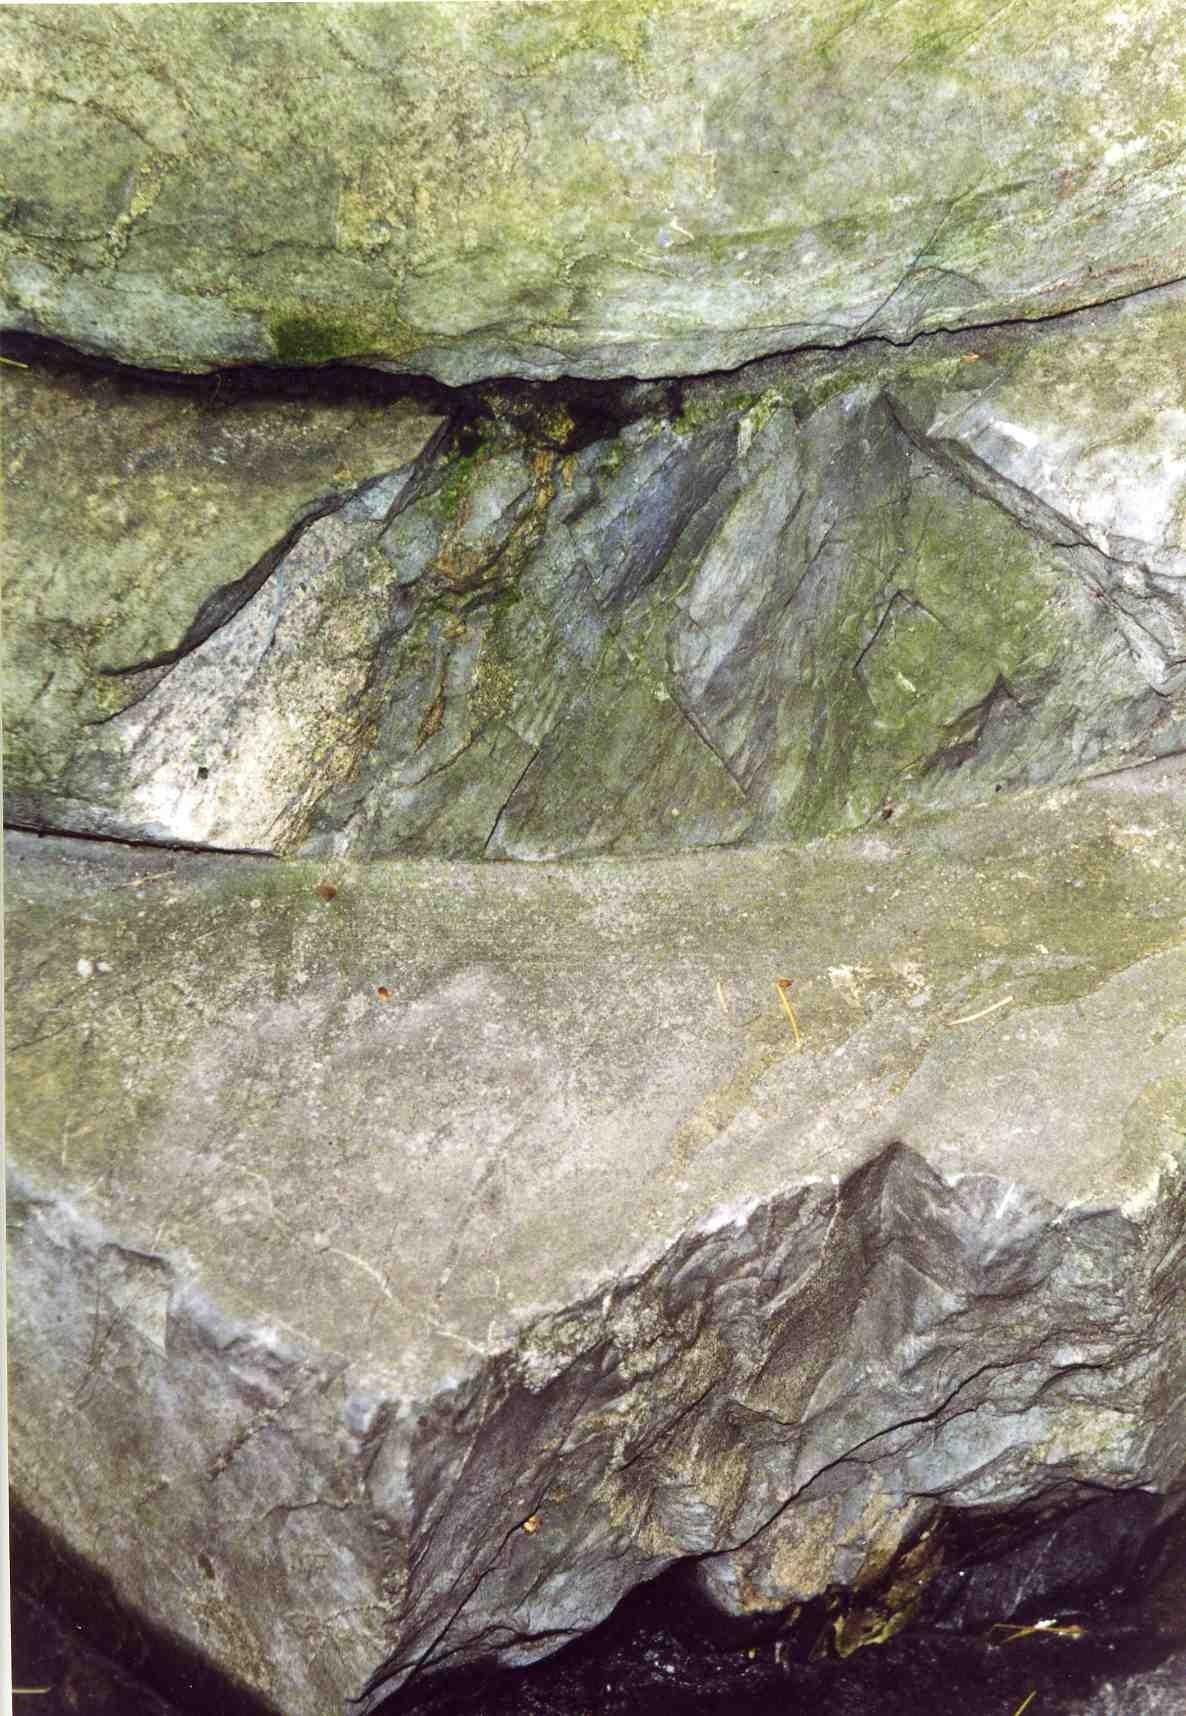 Нижняя часть полуколонны. Южная сторона. Видны выбоины и сколы неизвестного происхождения. Фото ноября 2003 г.